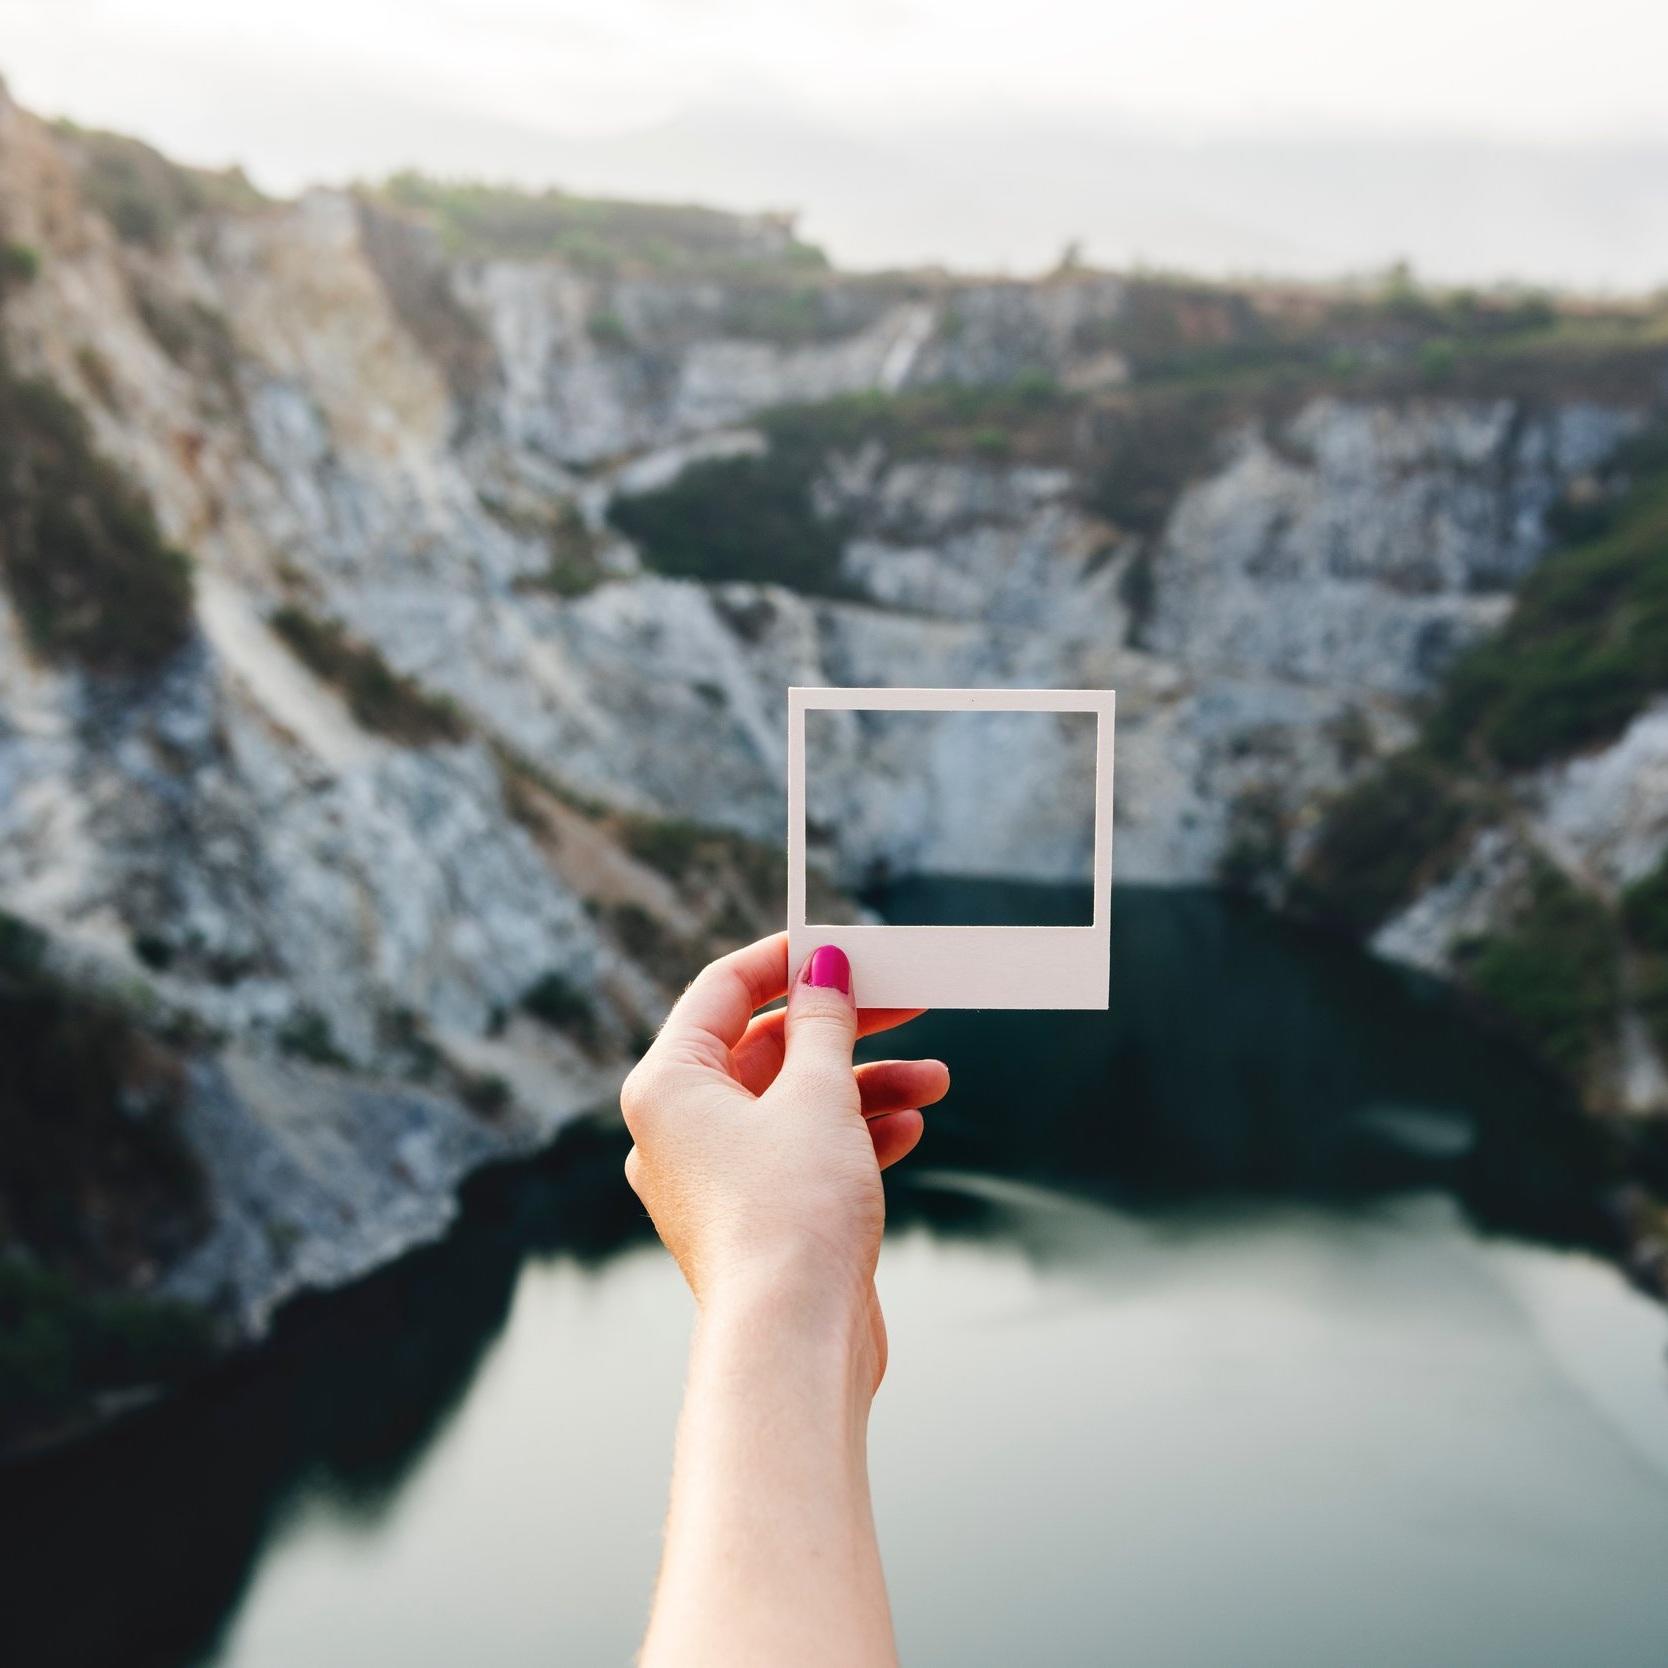 - ☑ Gute Lichtverhältnisse für eine hohe Bild- und Videoqualität☑ Einzigartige Motive☑ Bringen Sie Emotionen zum Ausdruck☑ Die Fotos und Videos sollen dem gleichen Stil entsprechen (z.B. nutzen Sie immer den gleichen Filter)